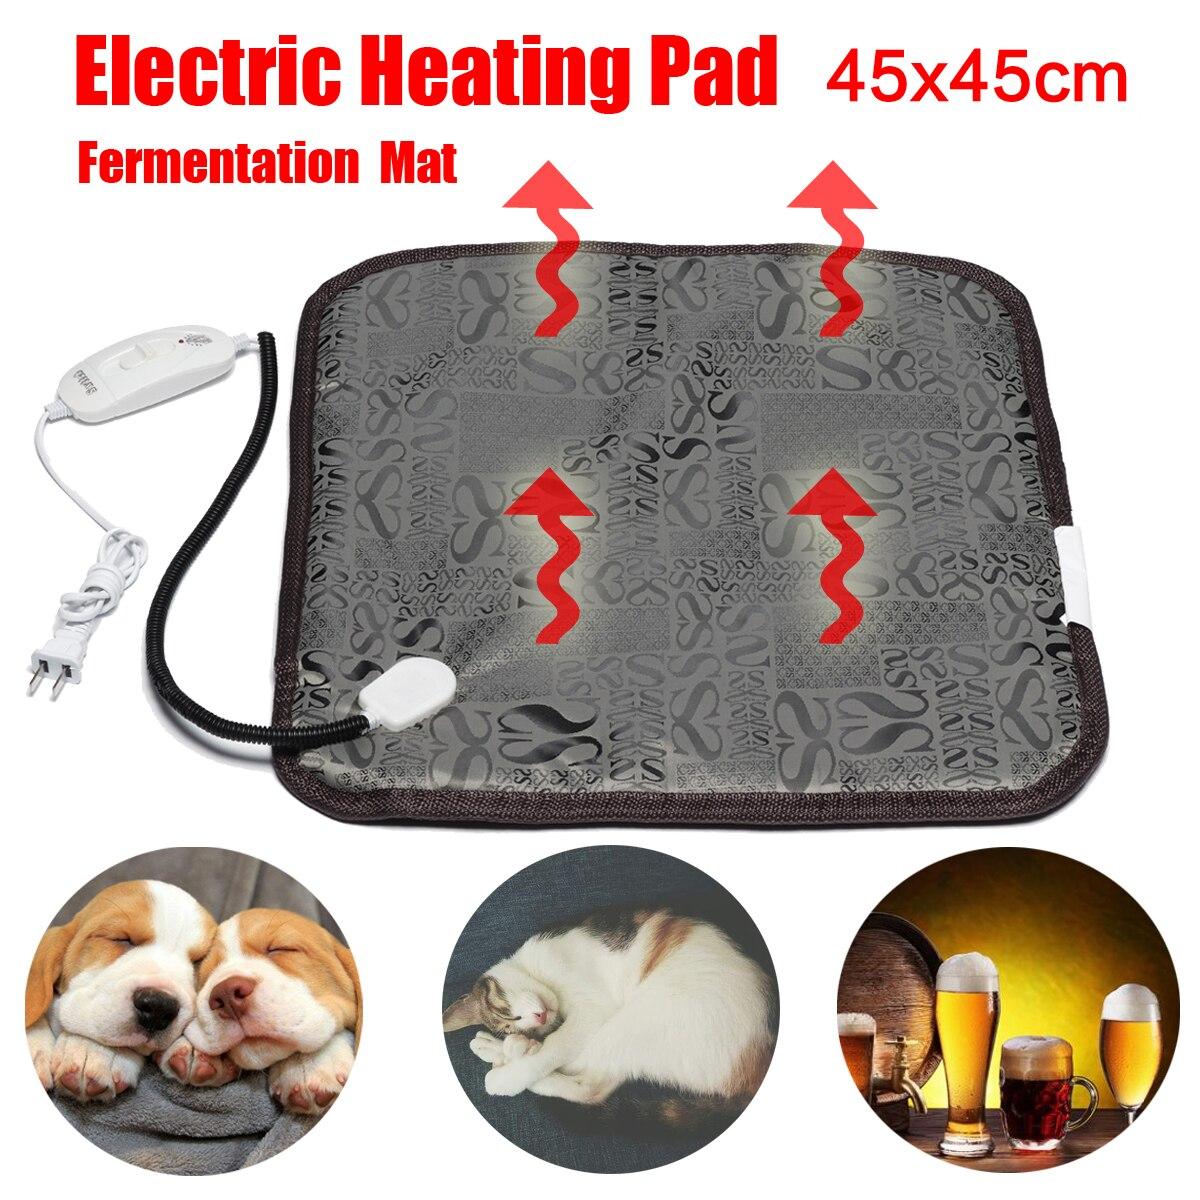 Электрический нагревательный коврик для домашних животных, собак, кошек, зимний теплый коврик для кровати, животных, электрическое одеяло для Домашнего Пива, брожения, нагреватель, коврик